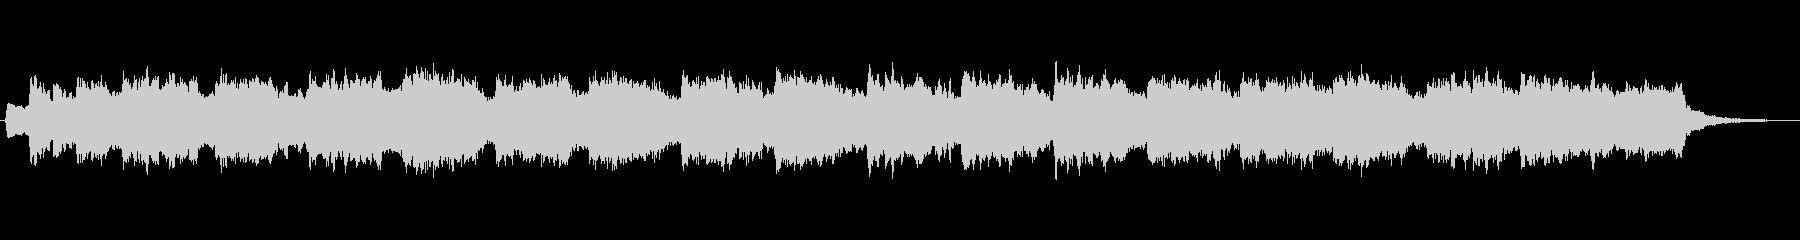 オルガンとシンセのほのぼのとしたジングルの未再生の波形